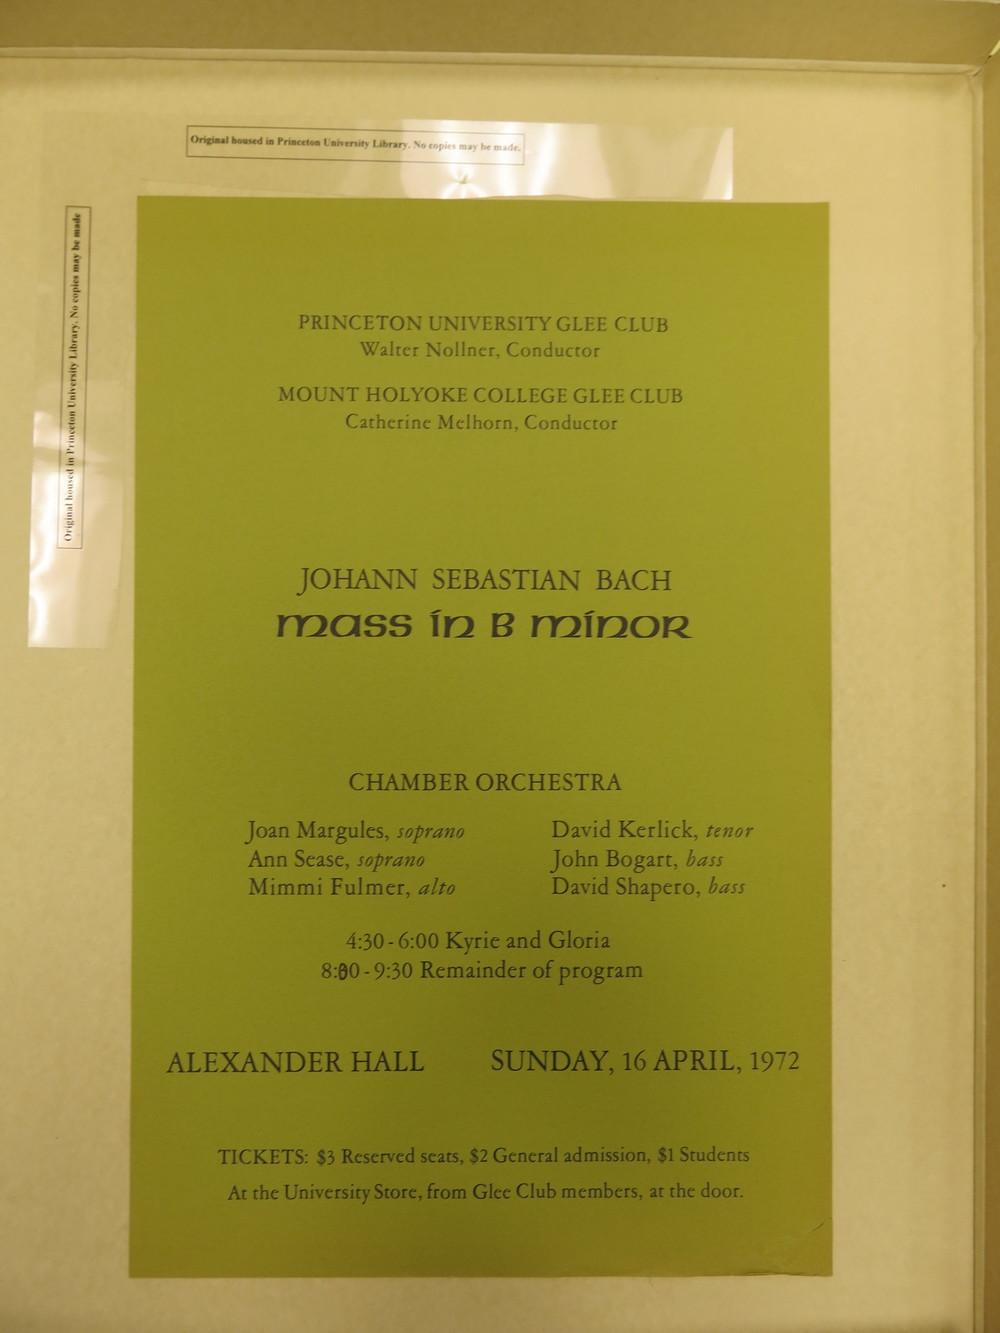 Bach B minor mass 1972.jpeg